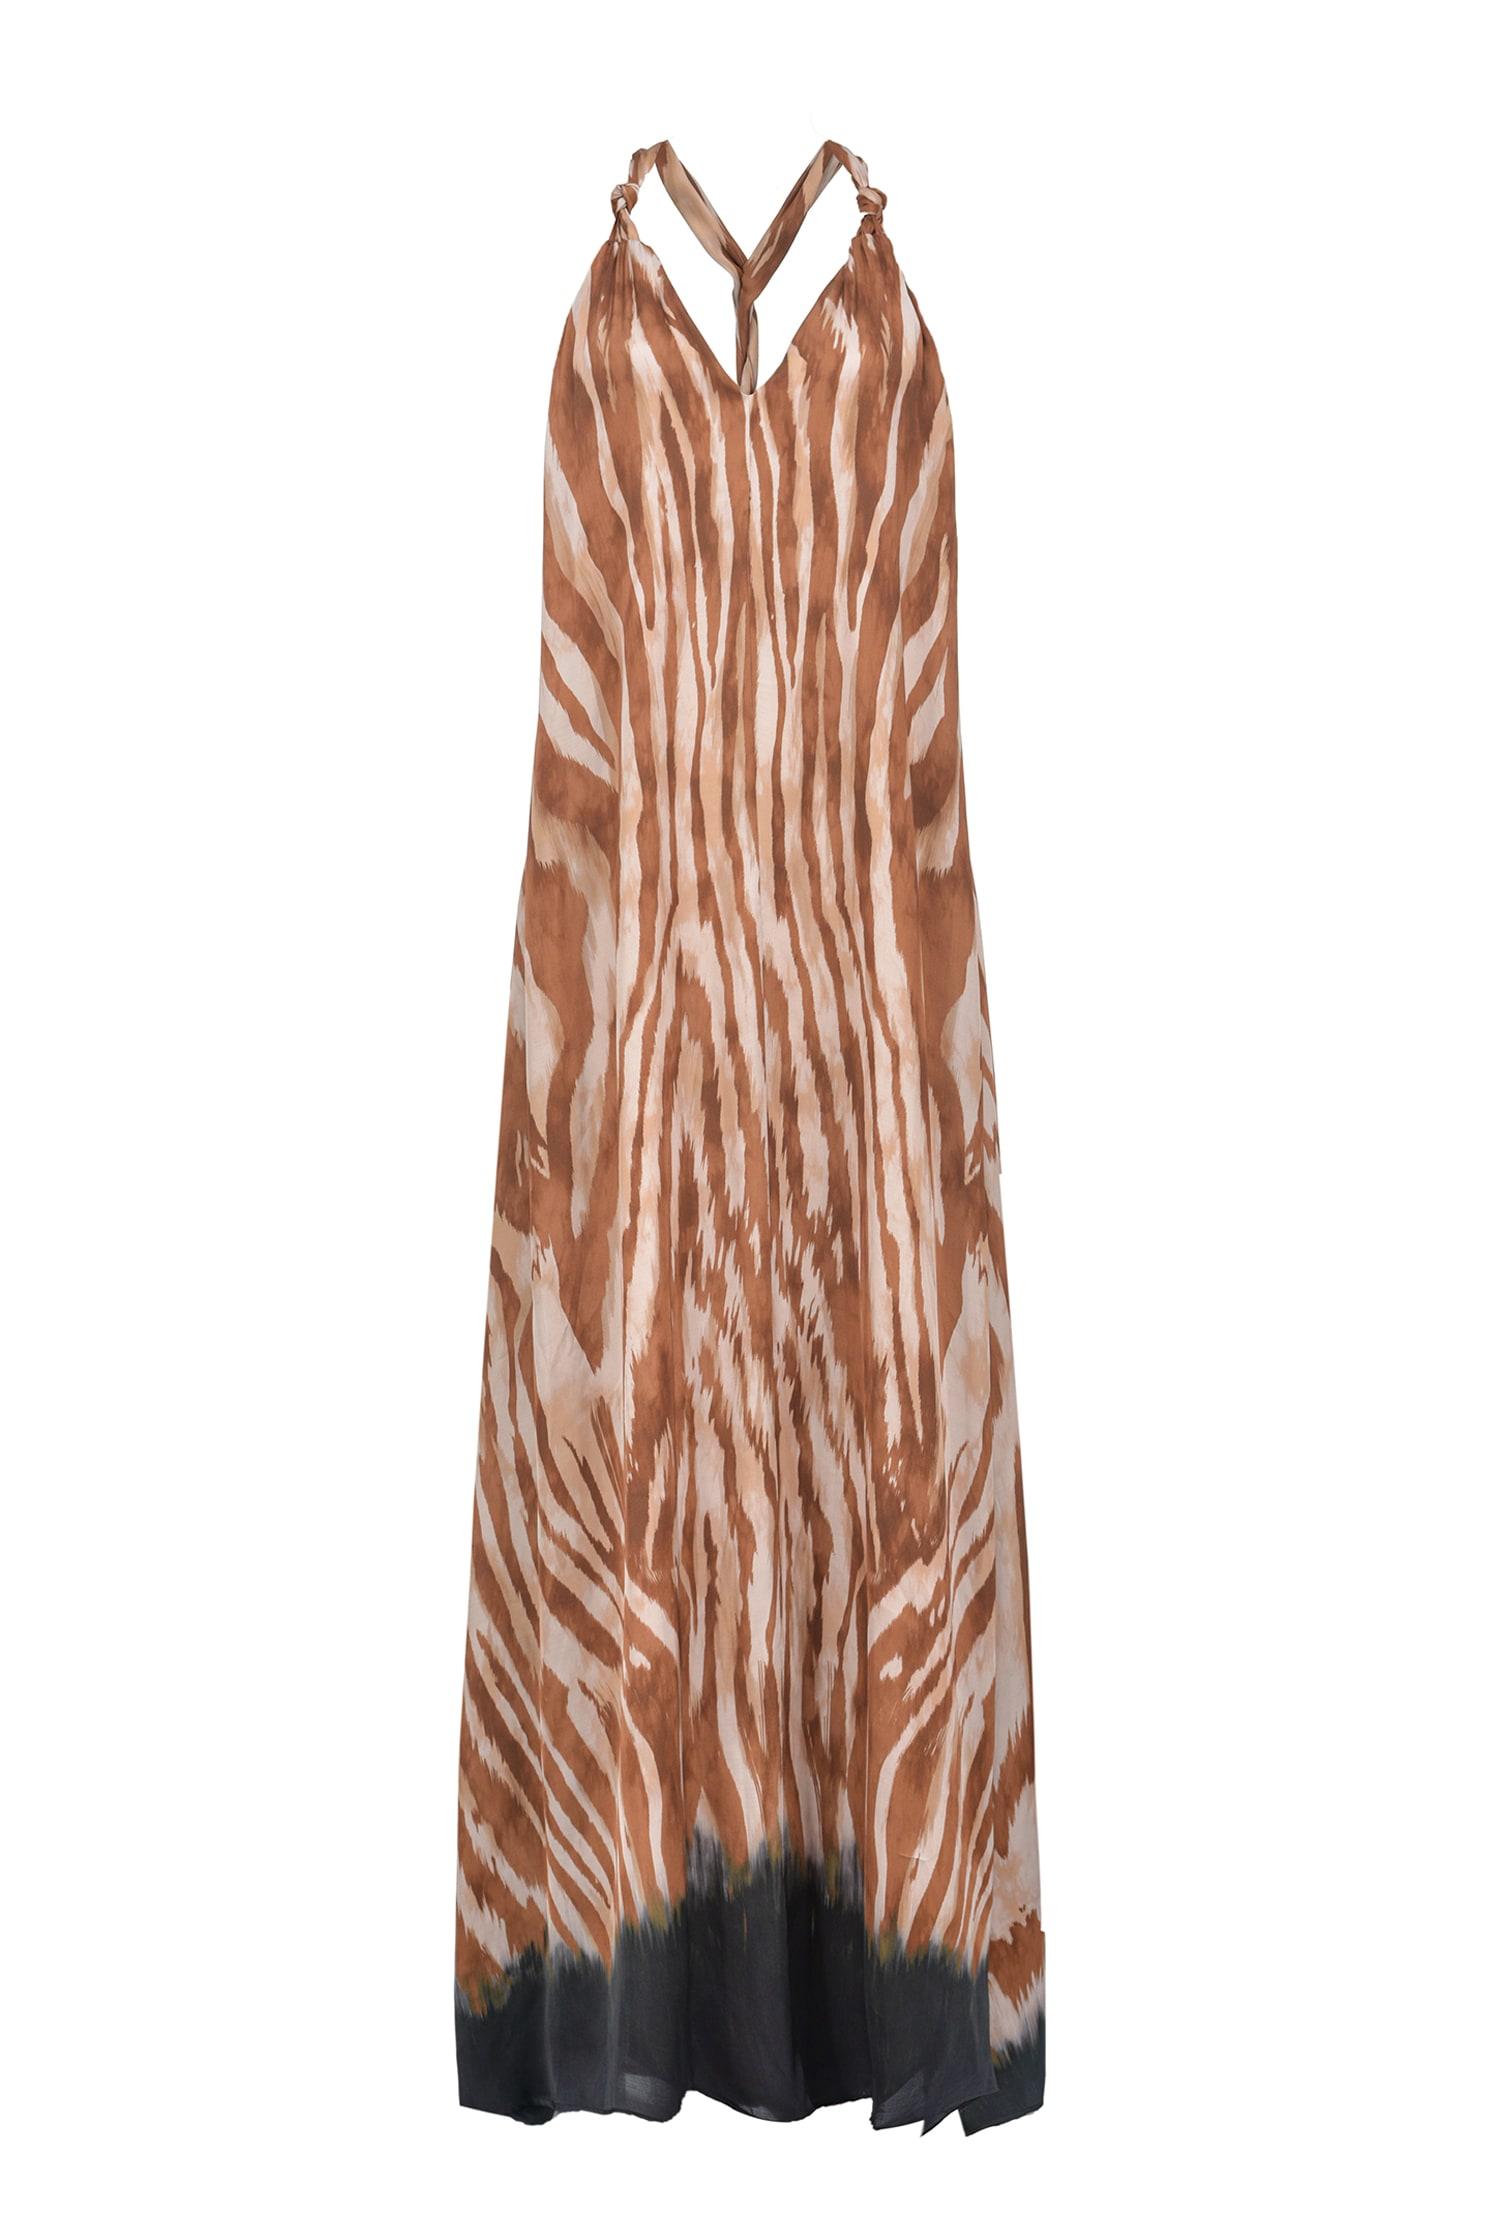 Abito Parlami maxi stampa zebra Pinko